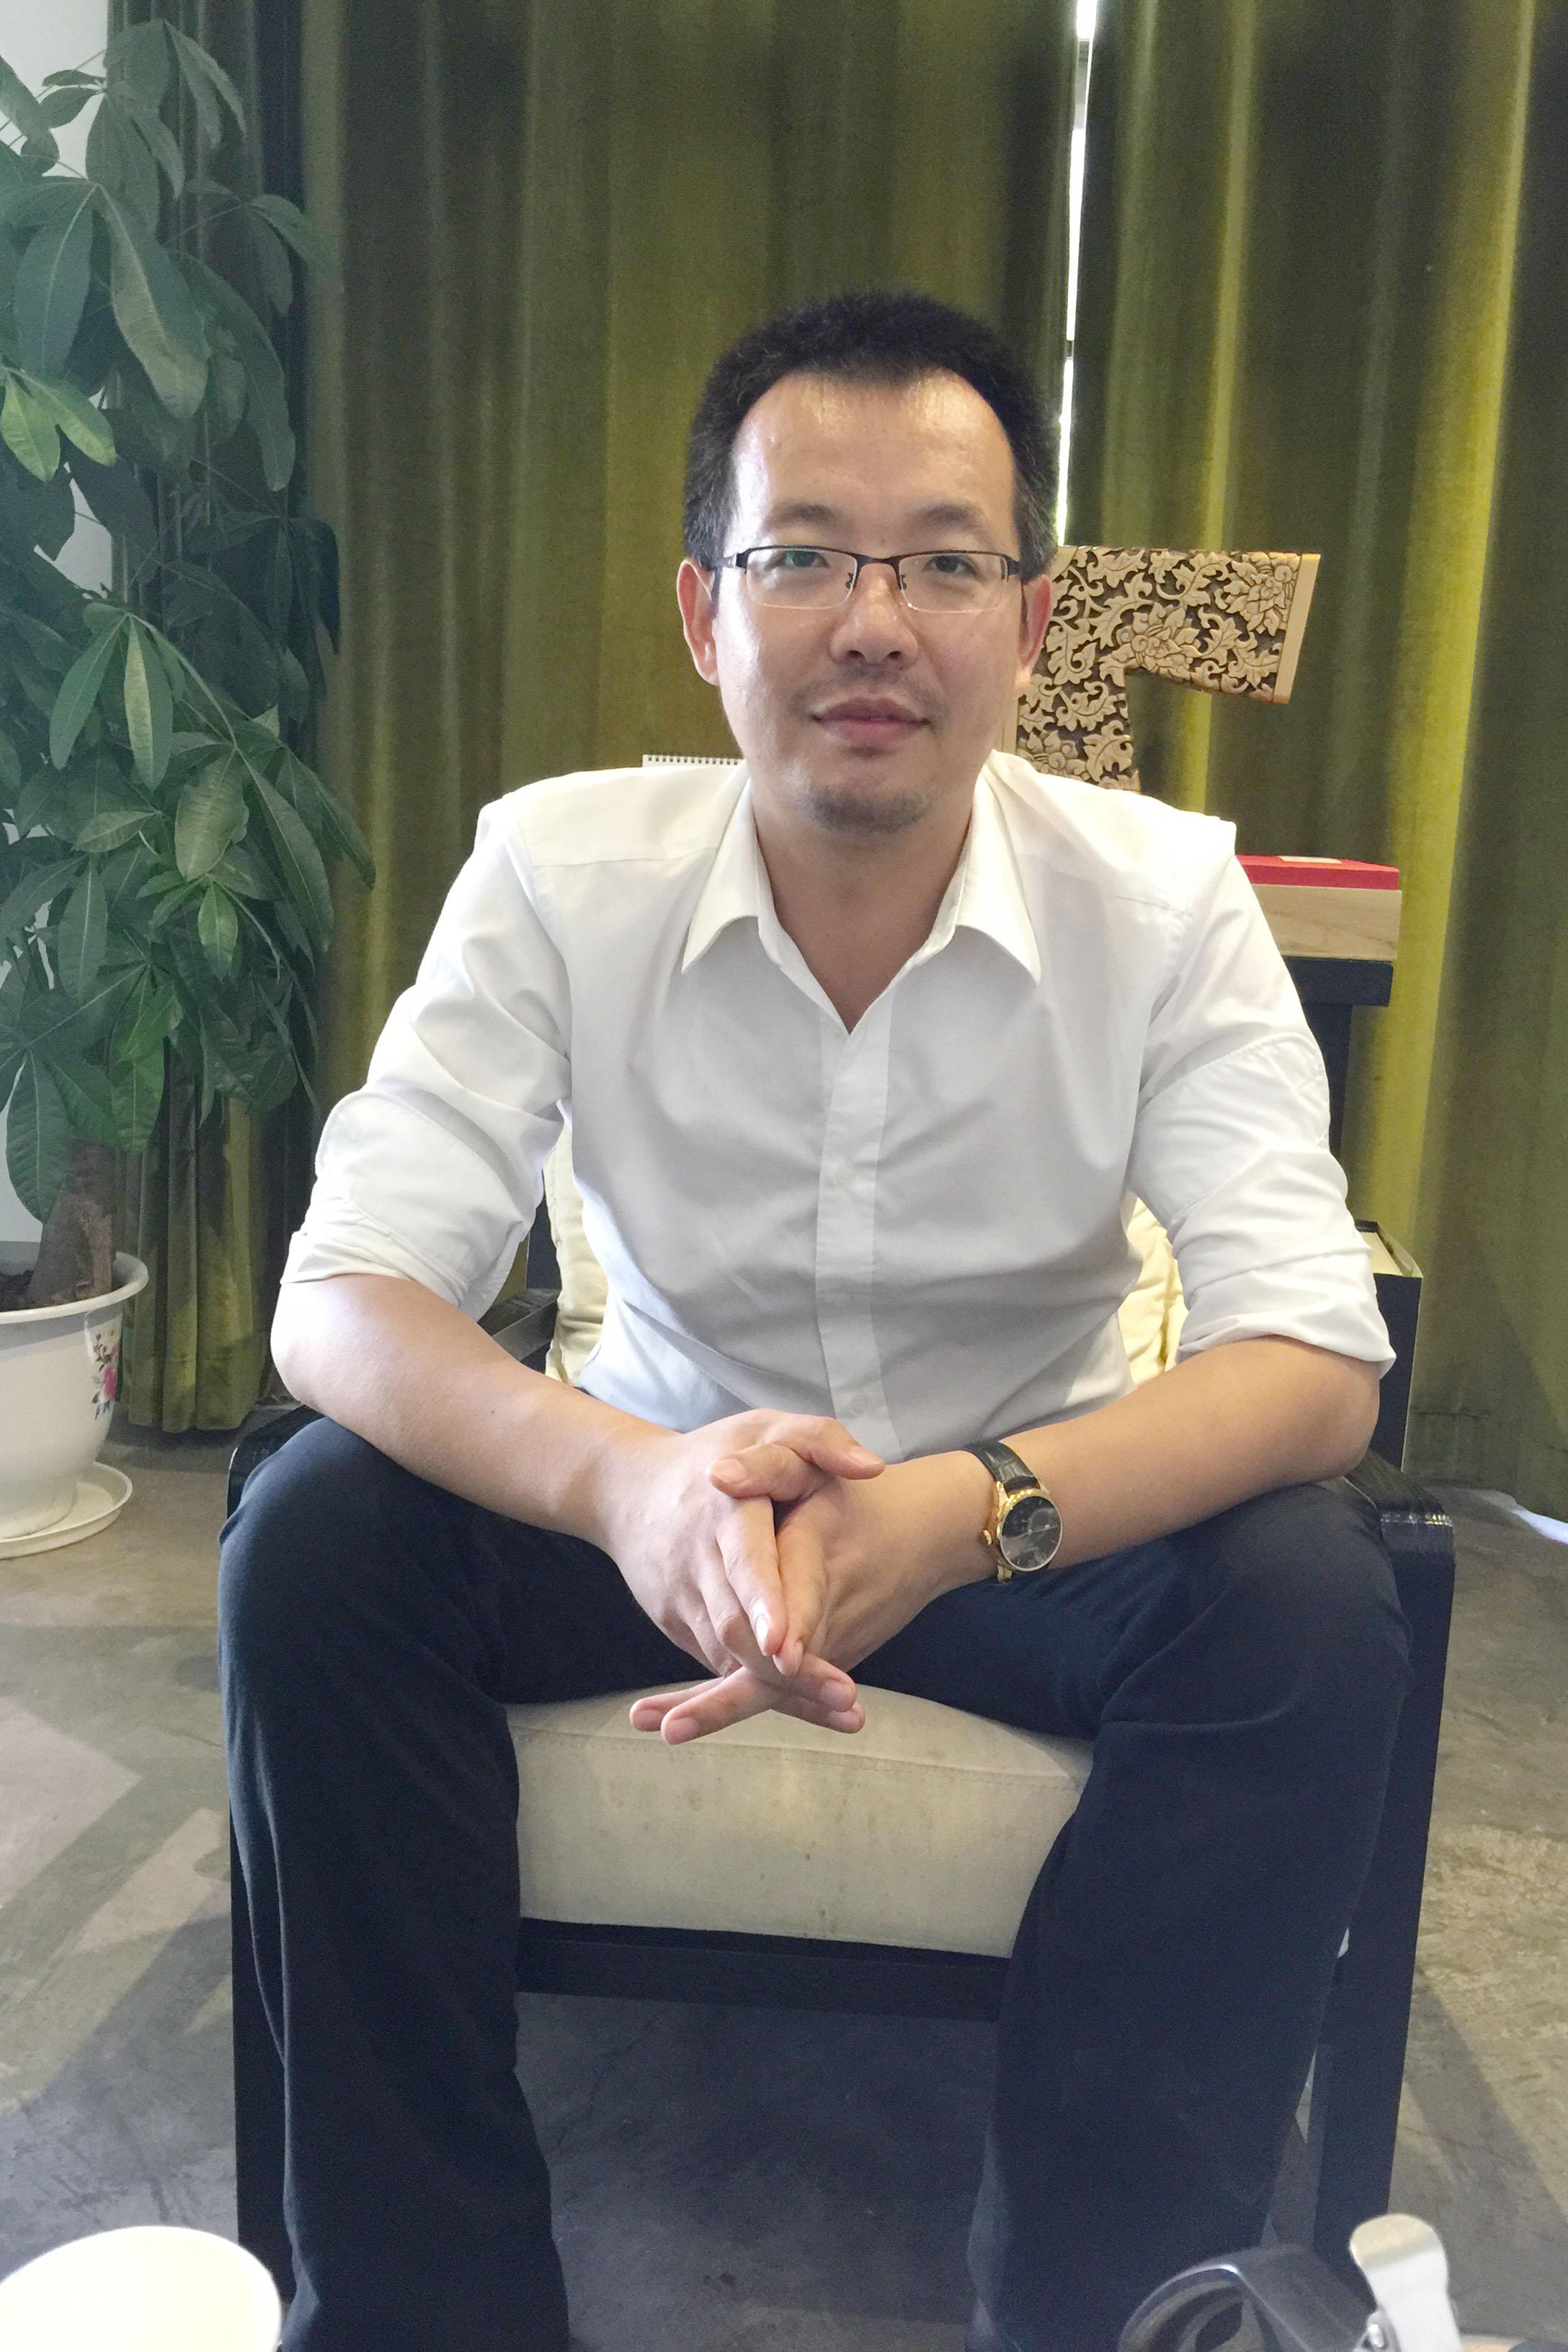 杨恒:材料不是贵的就是好 绿色可以很简单